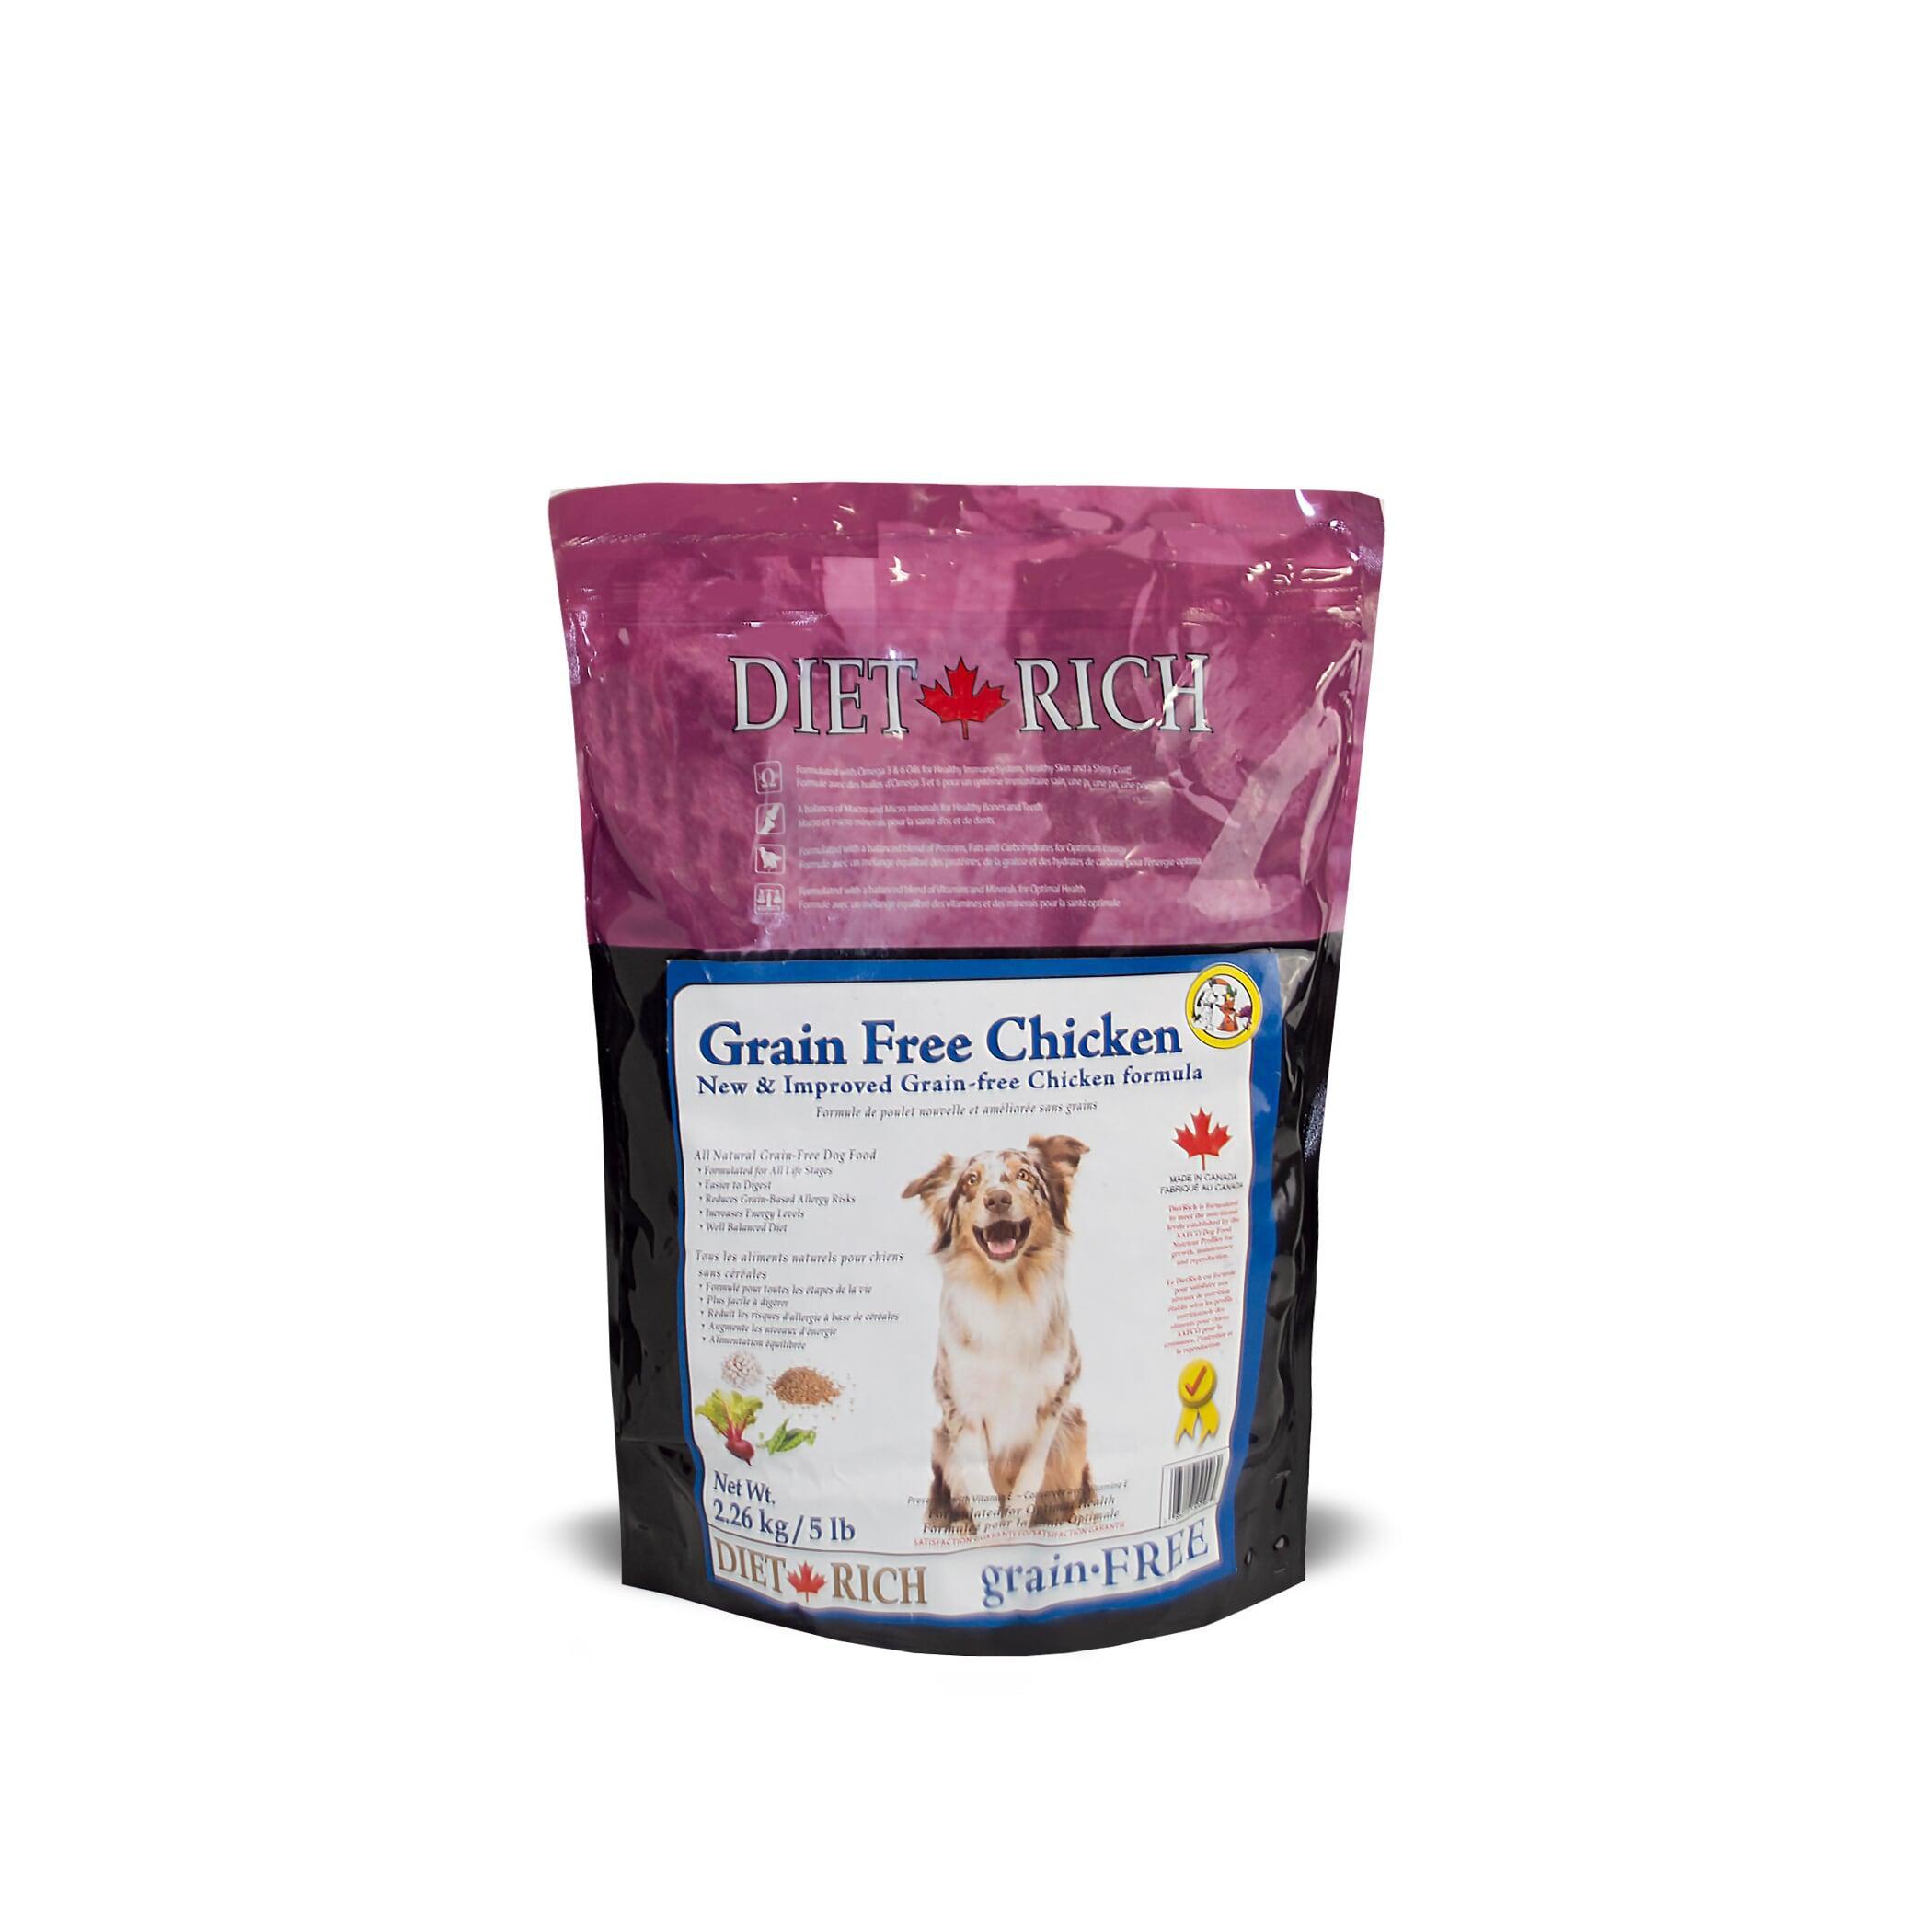 Dietrich Chicken Grain-Free Dry Dog Food Image